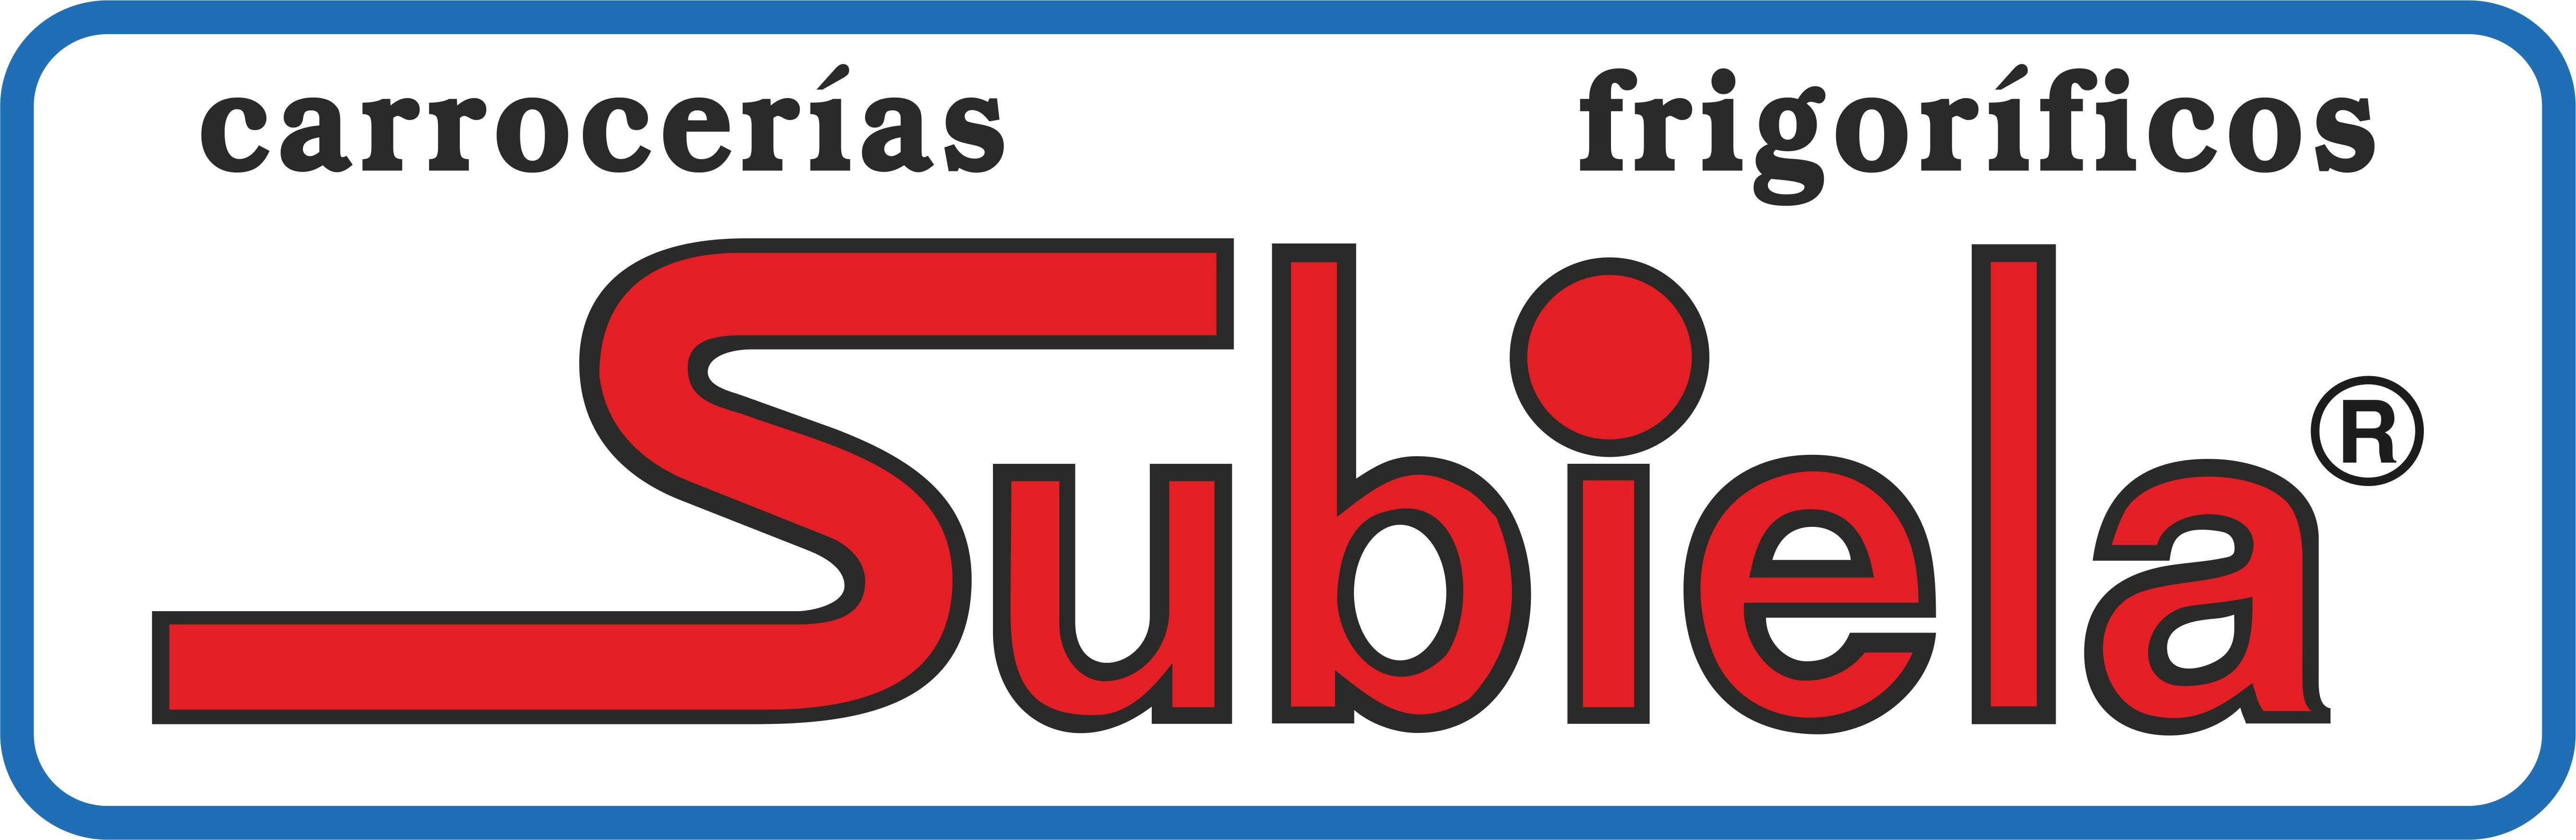 Carrocerías Subiela